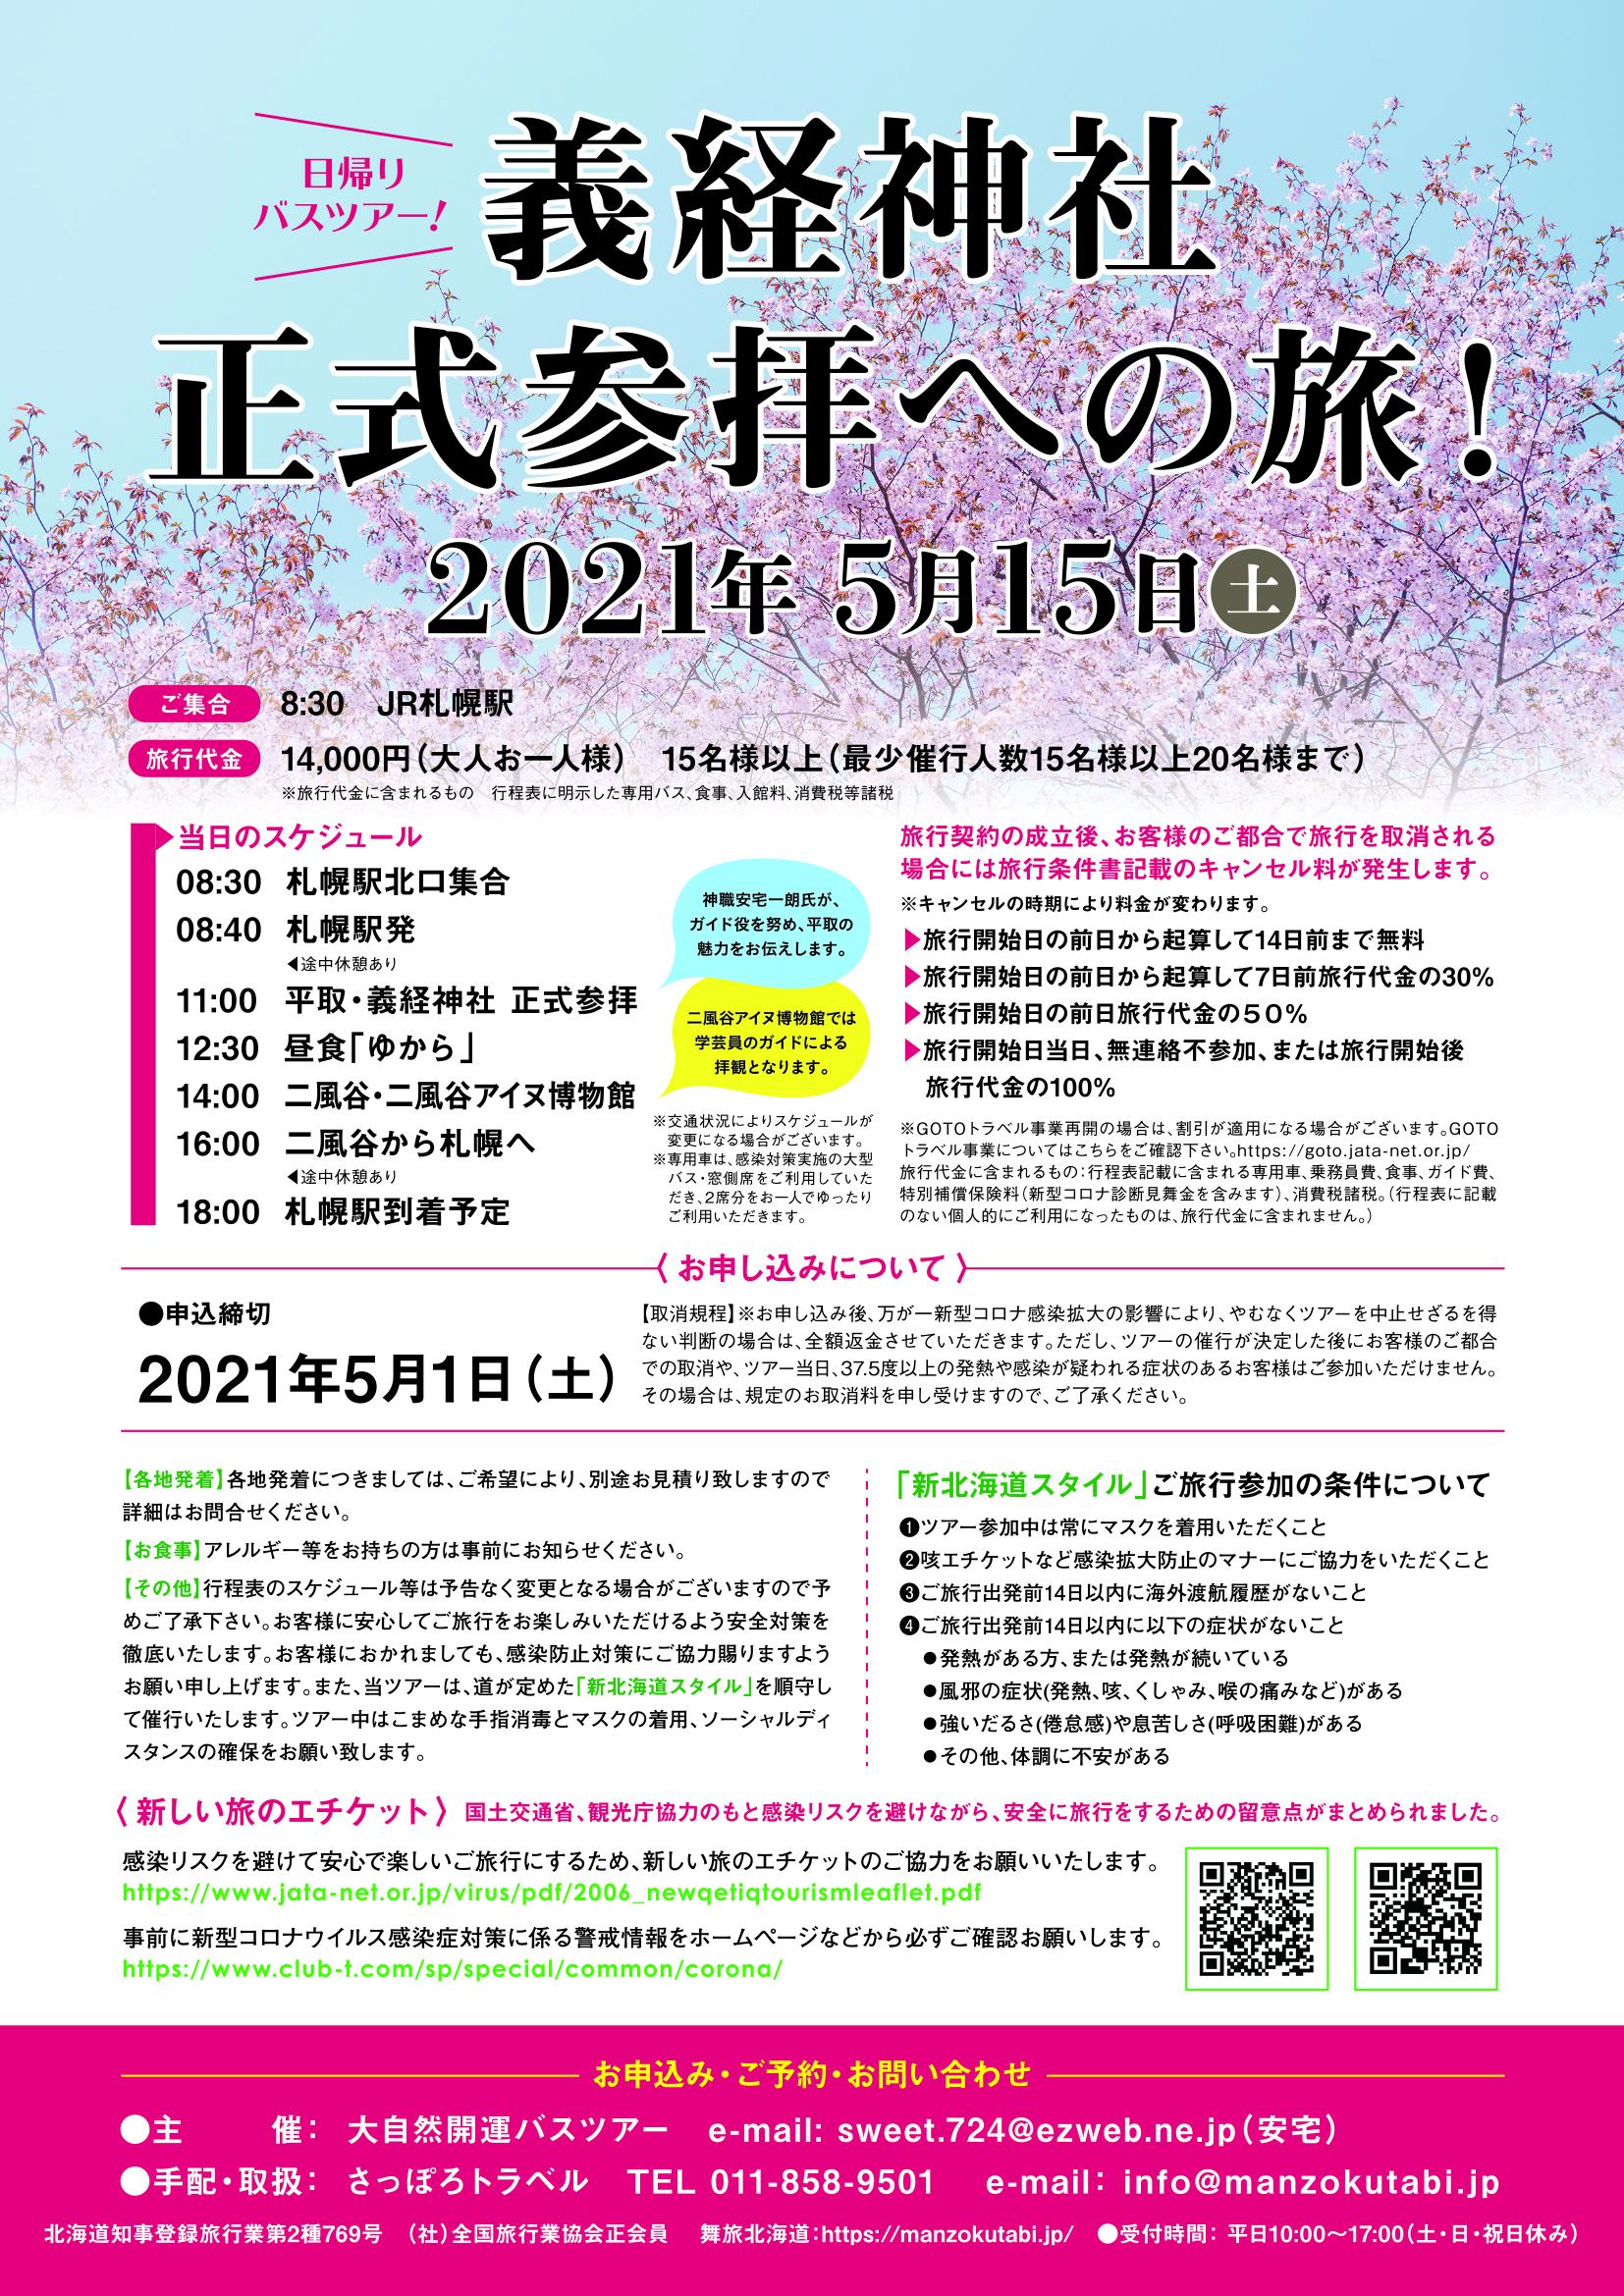 【催行中止となりました】5/15 大自然開運バスツアー主催  義経神社正式参拝への旅